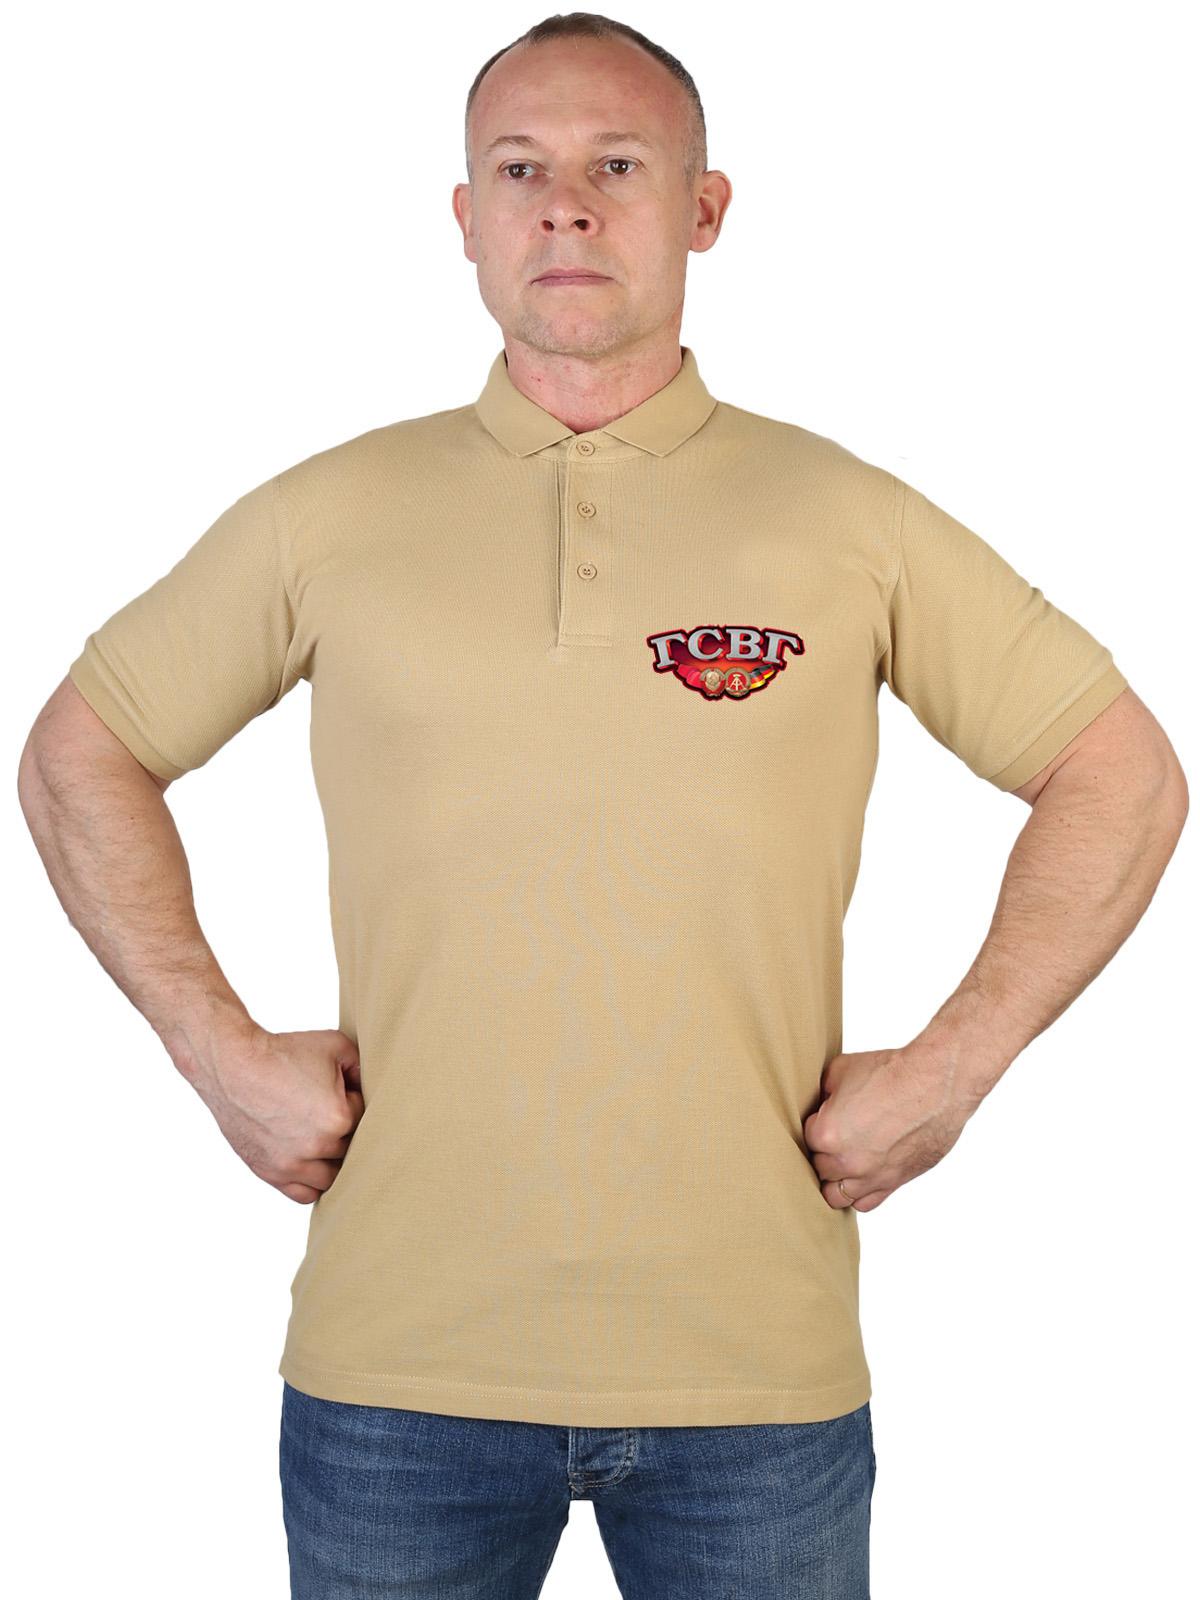 Купить хлопковую песочную футболку-поло с термонаклейкой ГСВГ в подарок